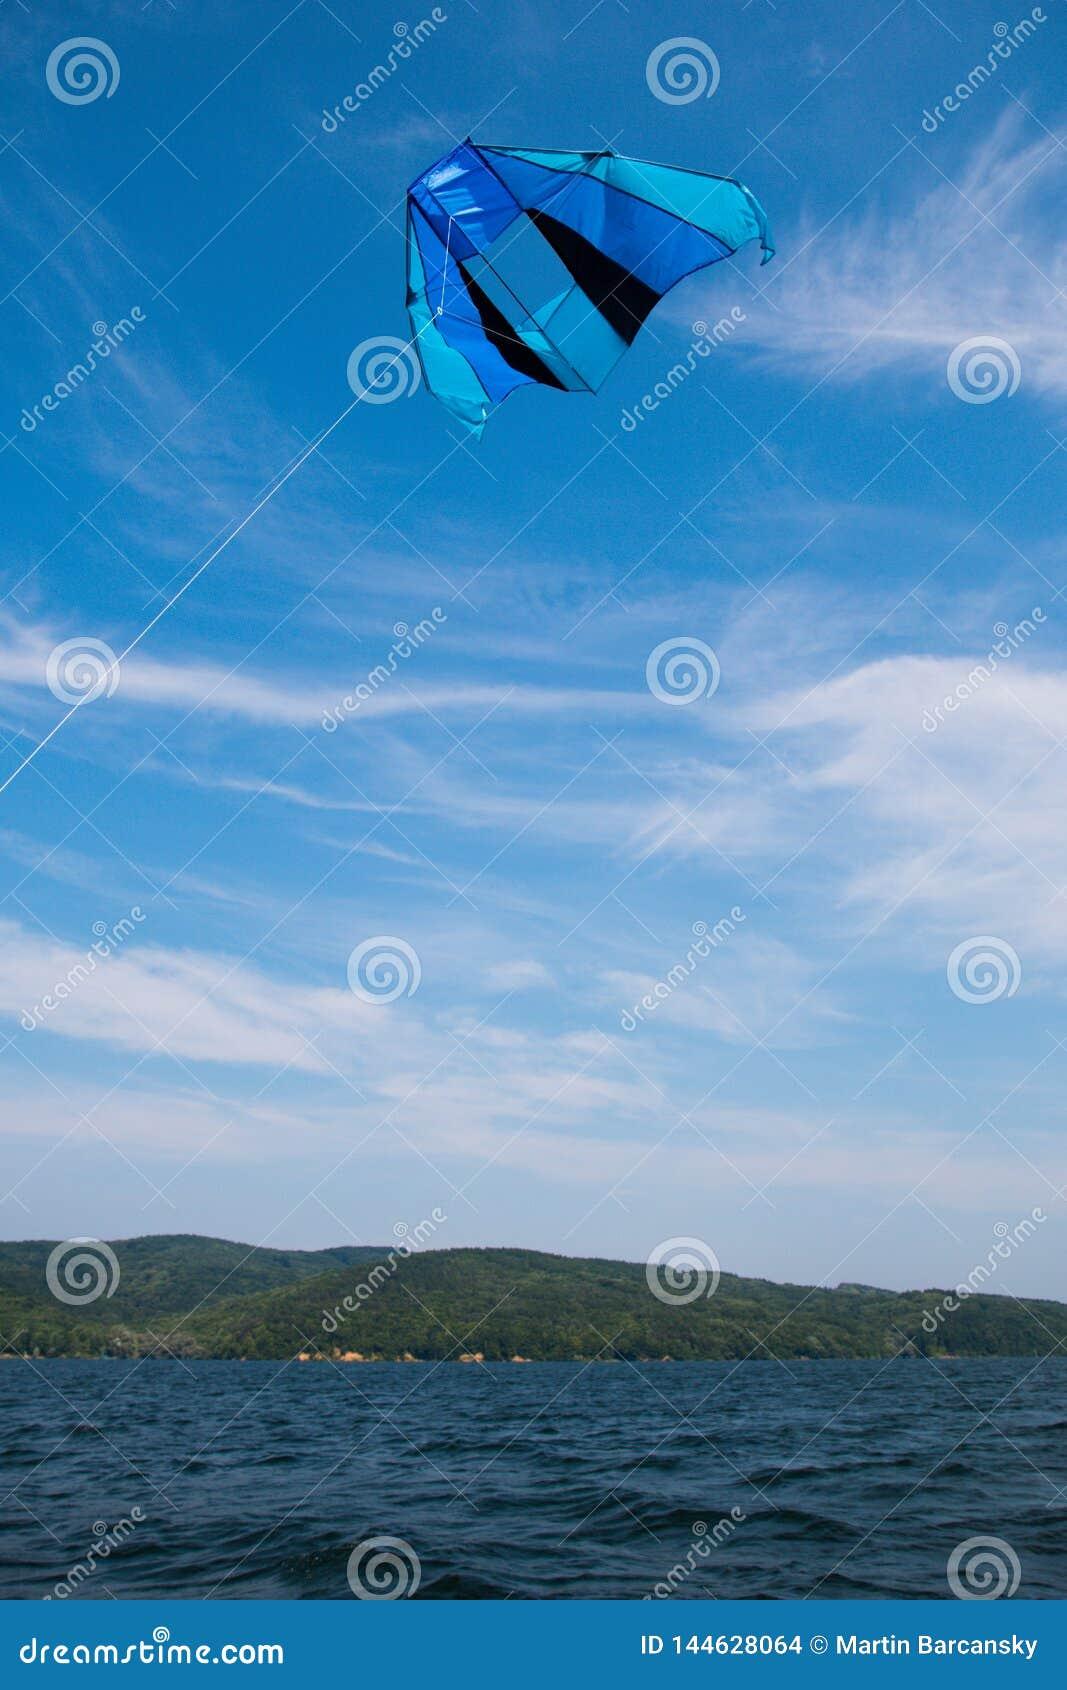 Cometa azul en el cielo azul sobre el agua